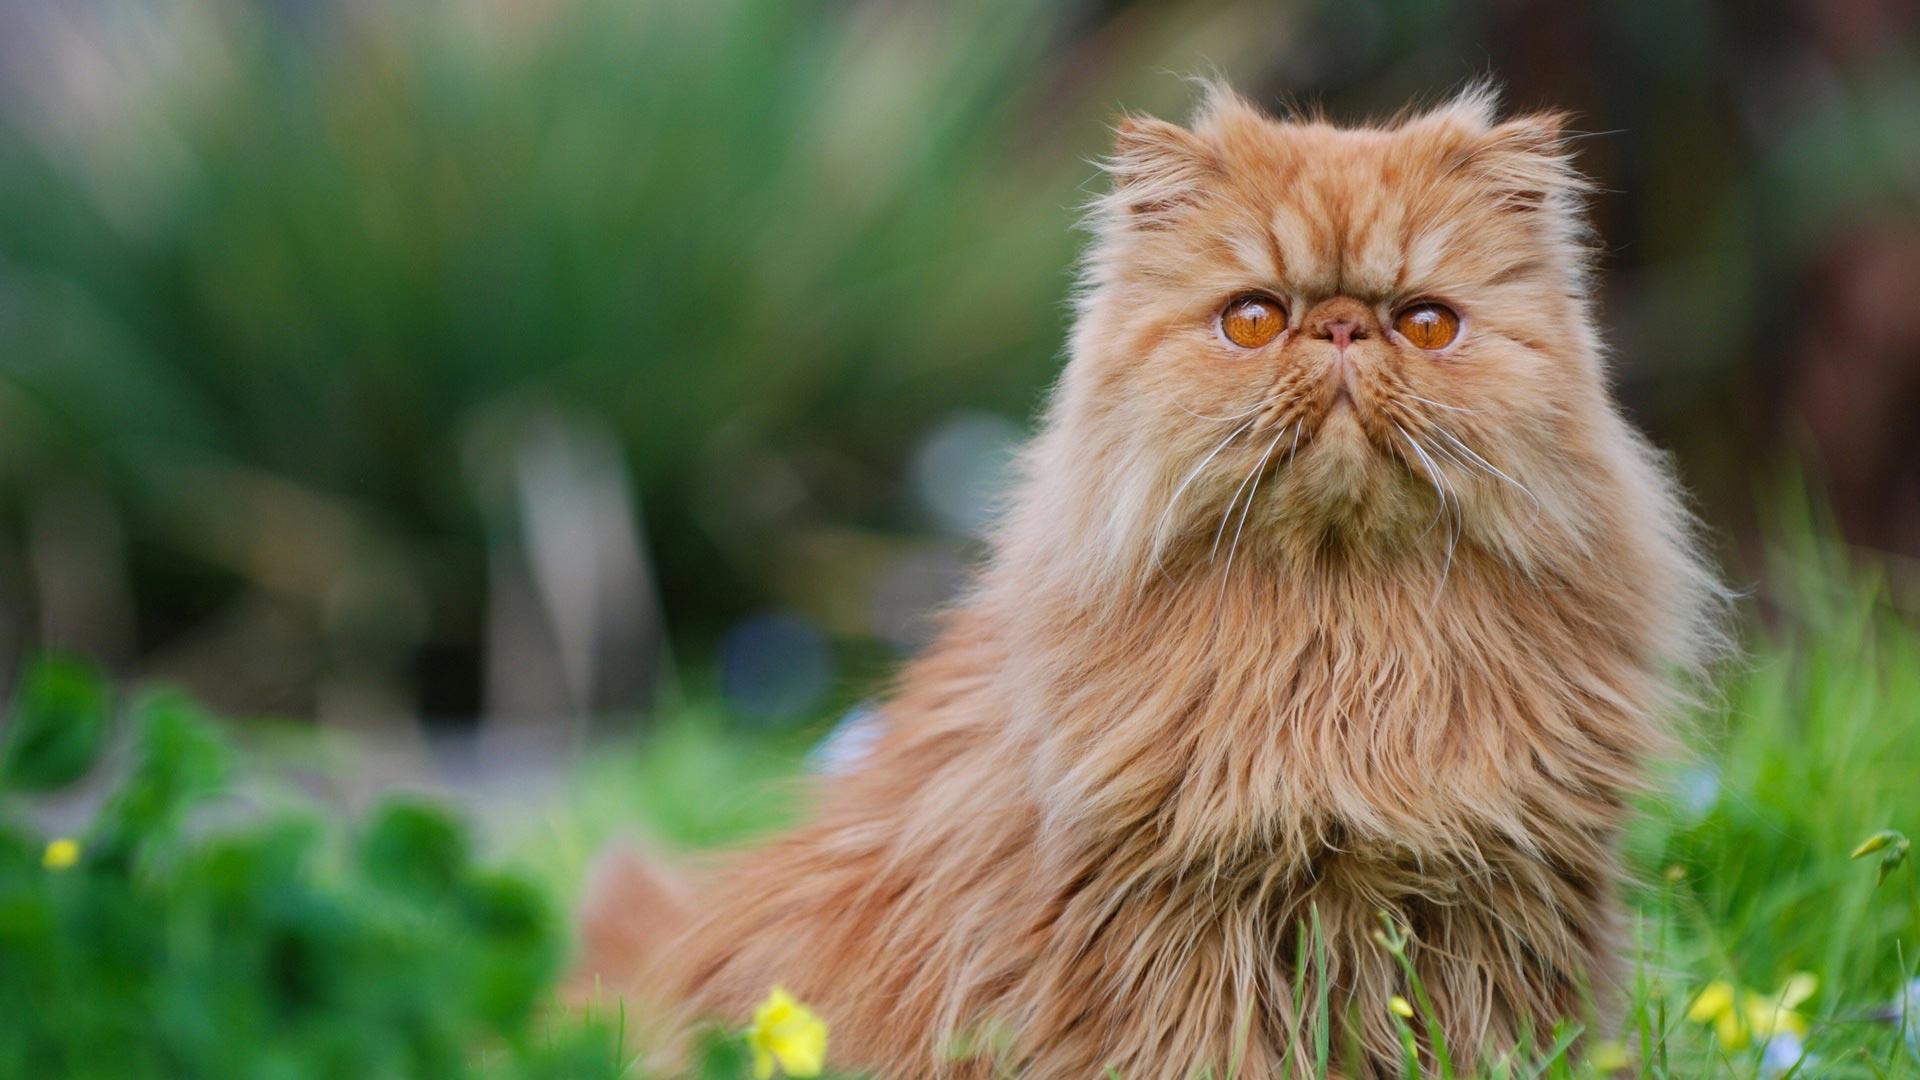 قطة بلون مميز ونوع رائع